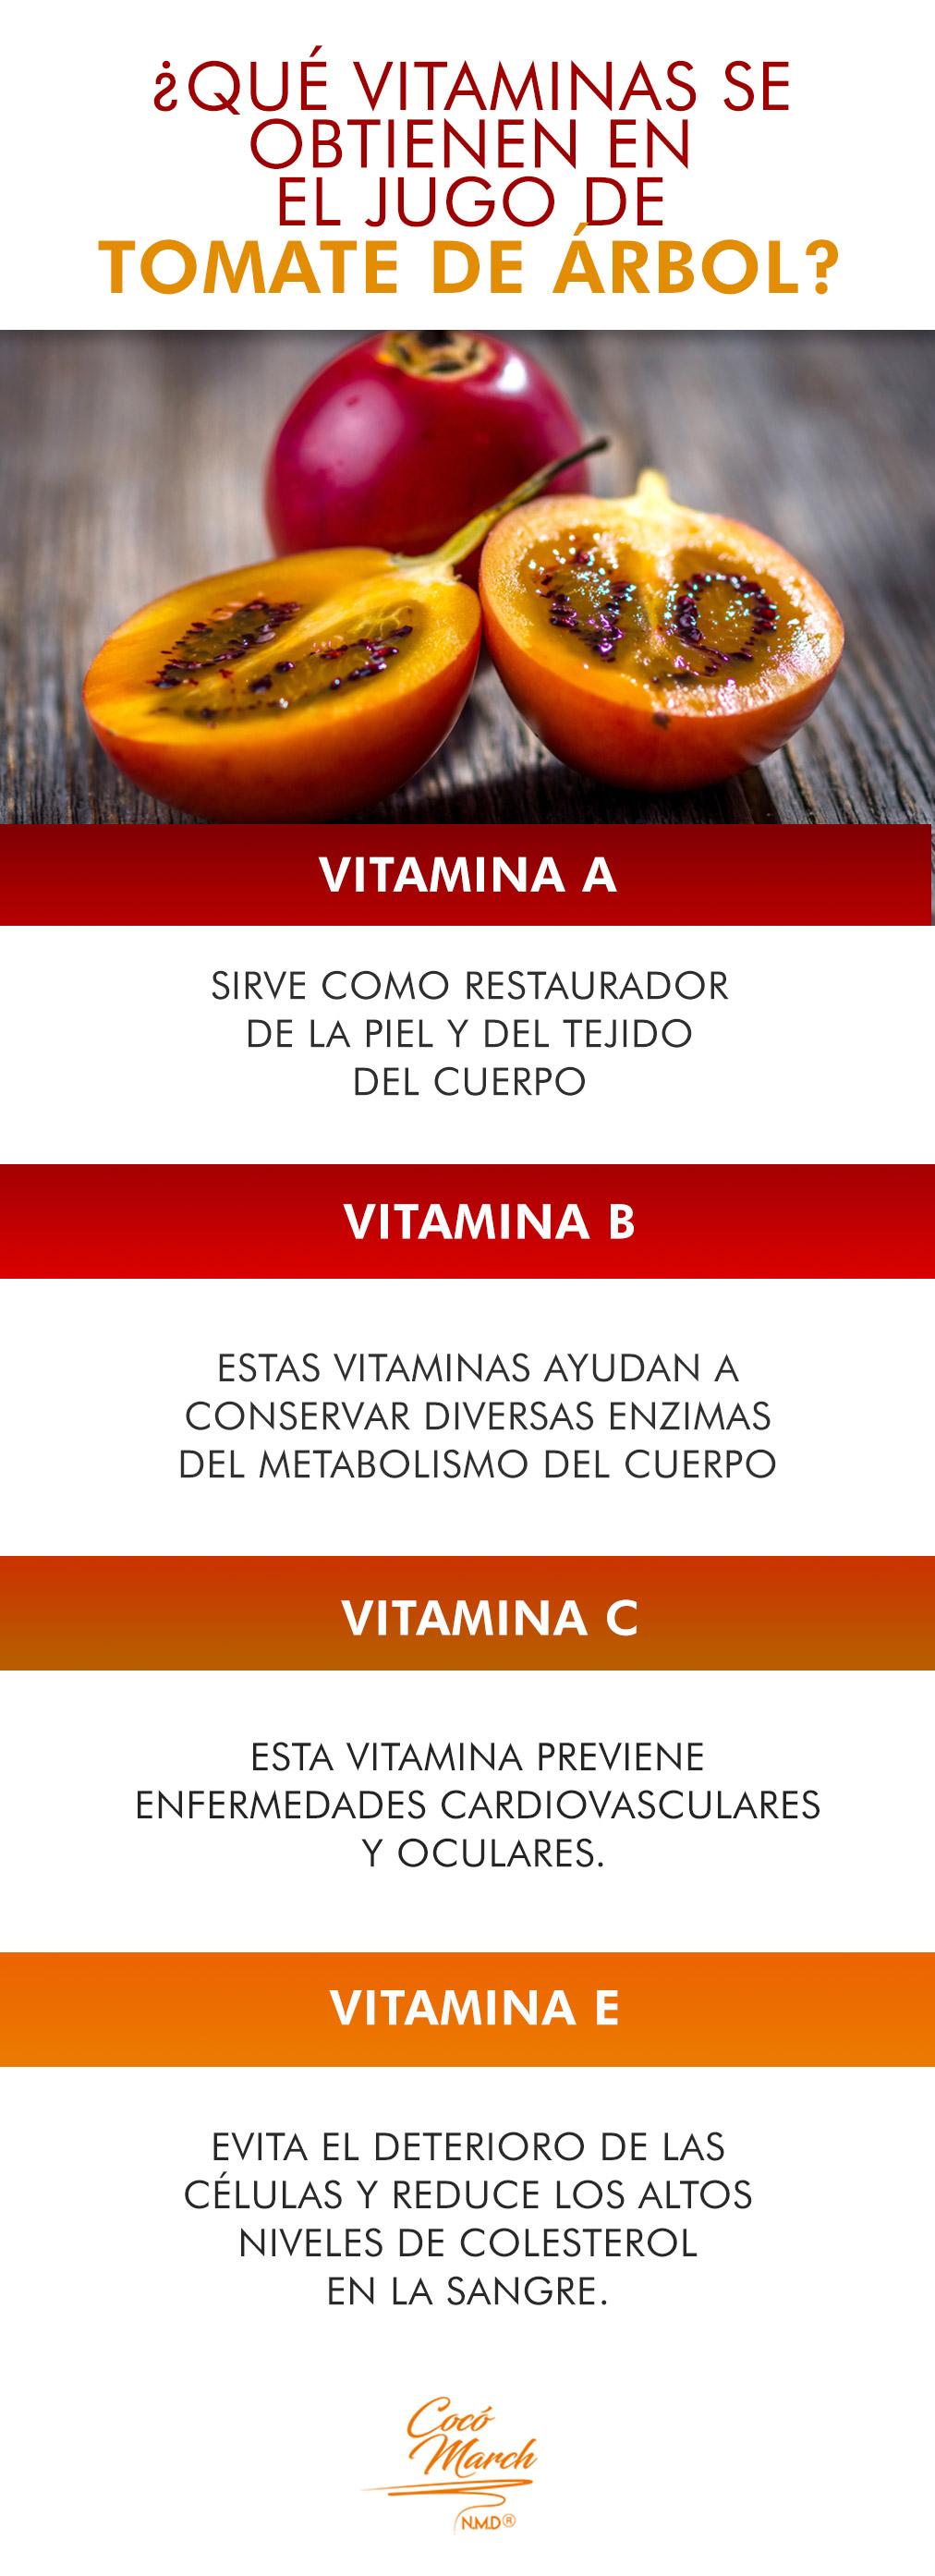 vitaminas-del-jugo-de-tomate-de-arbol